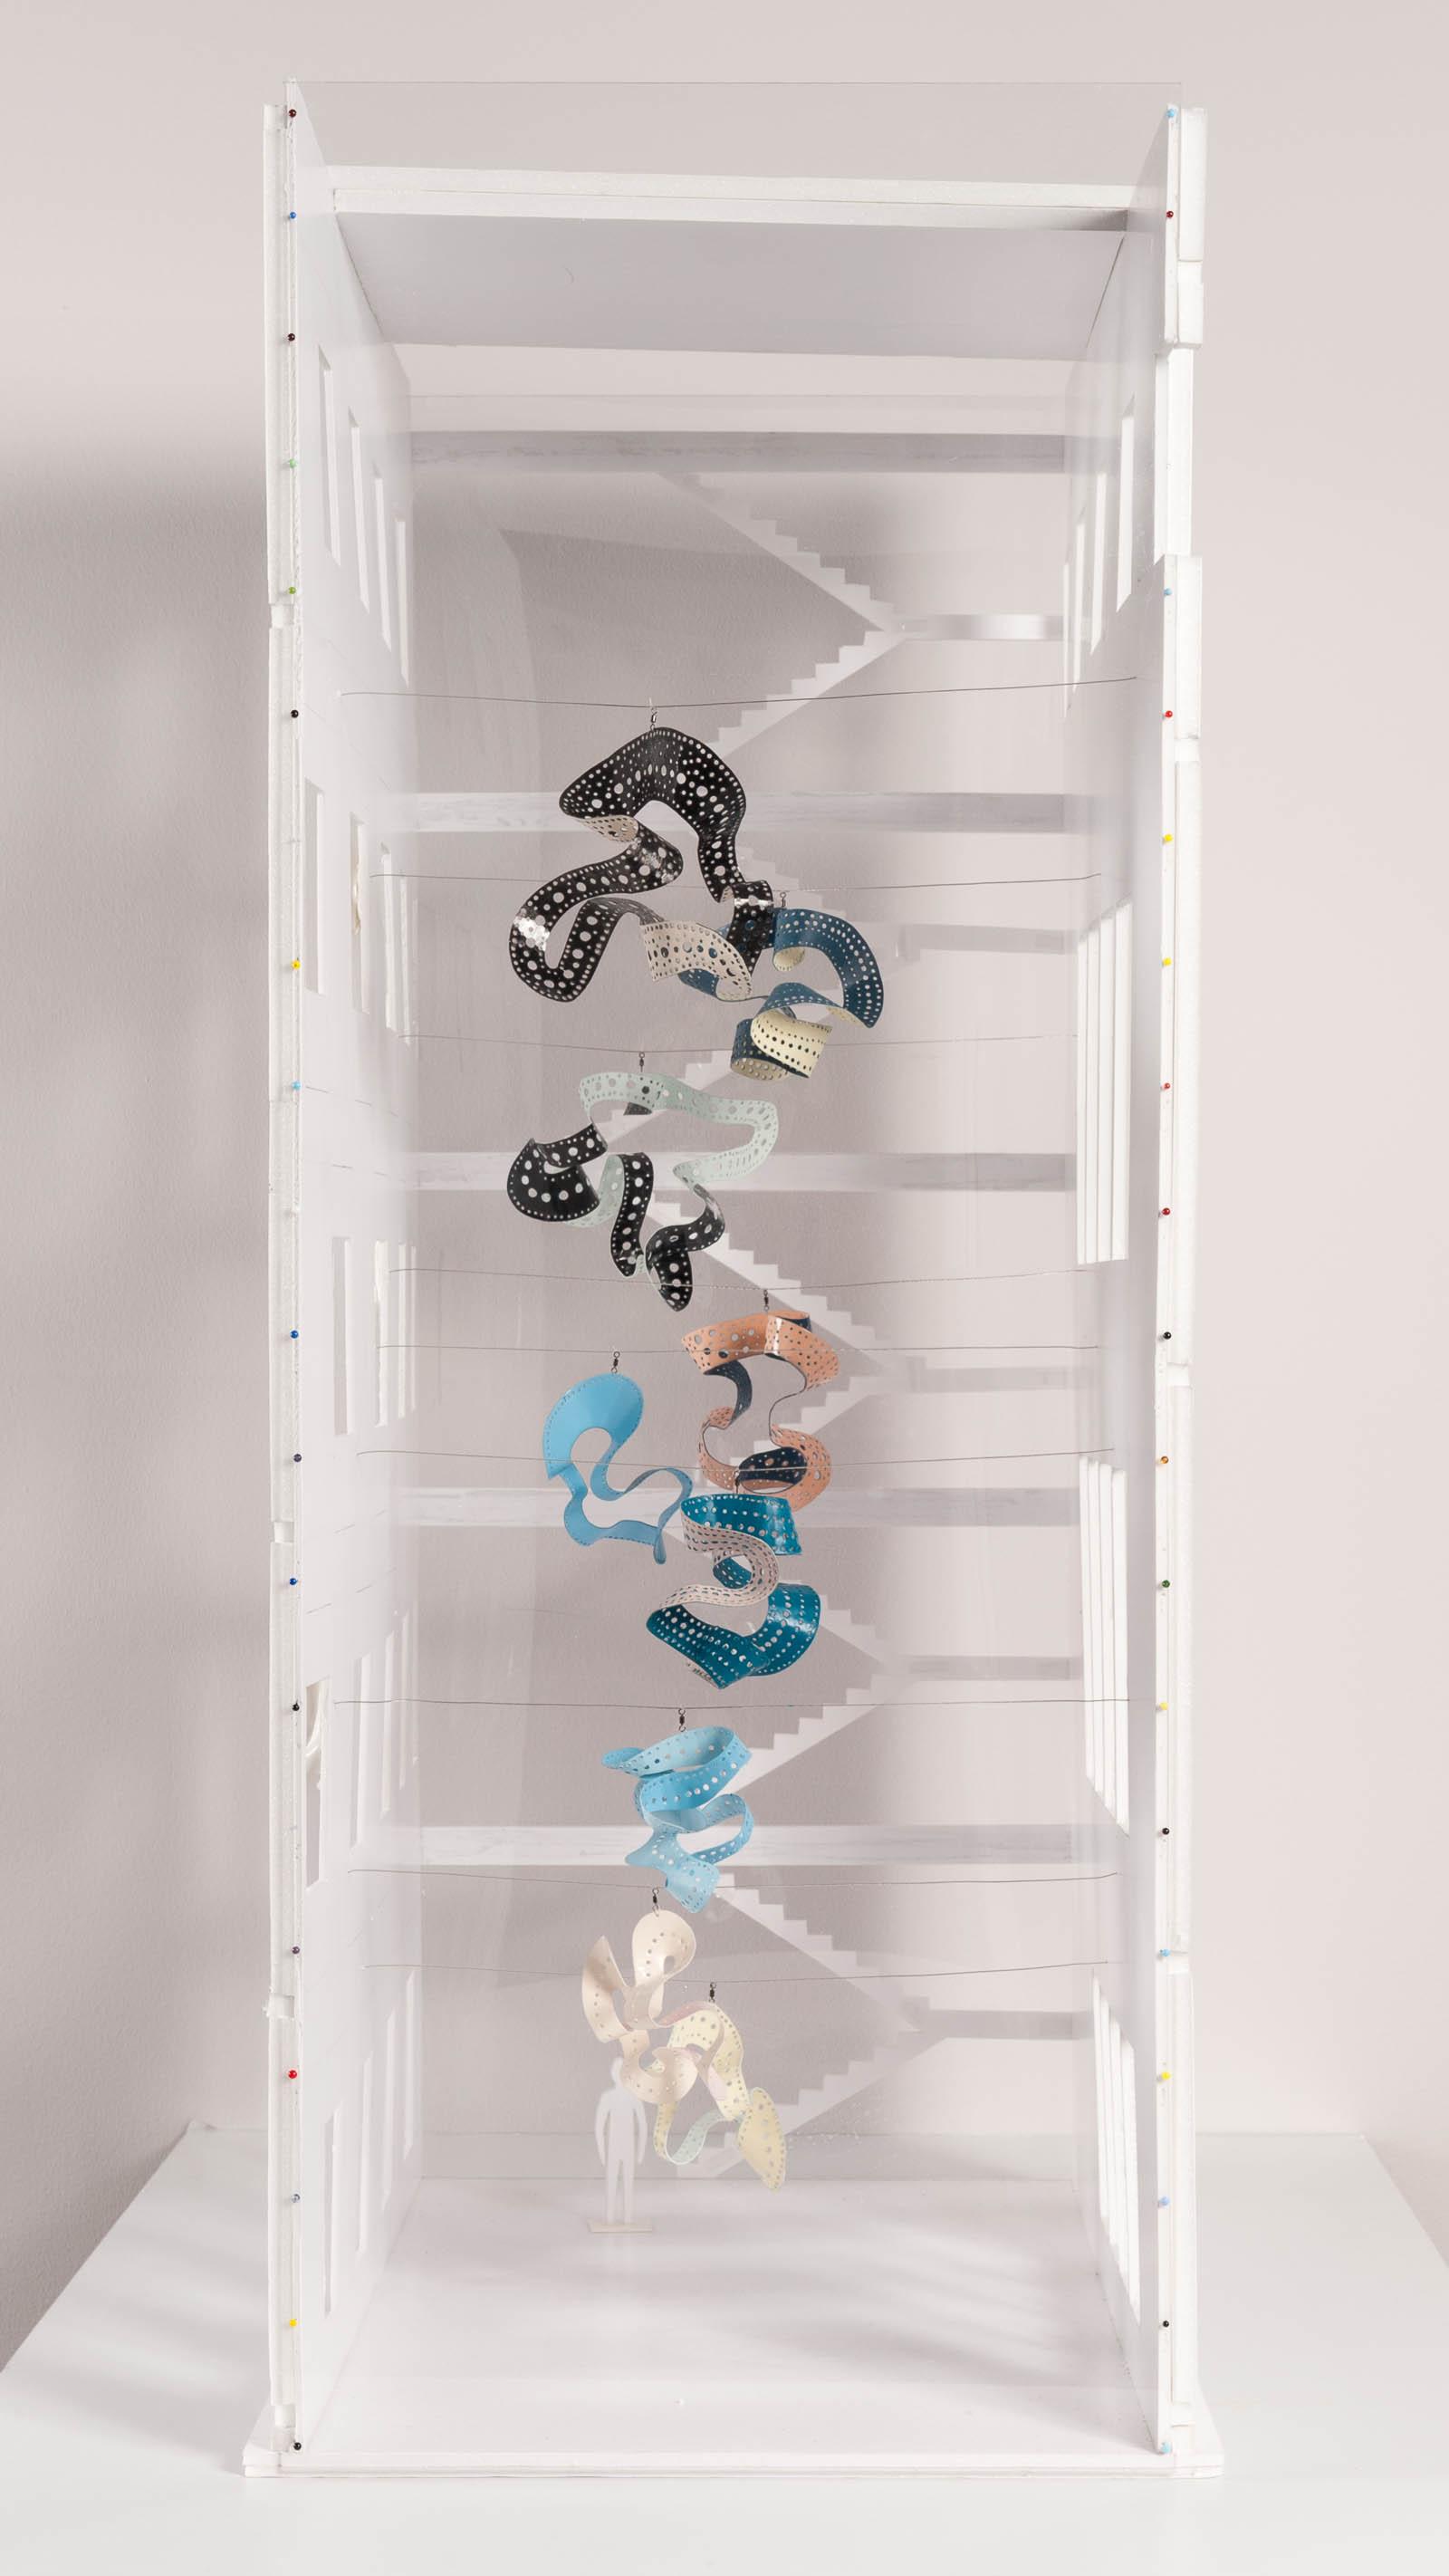 Modell i liten skala av de upphängda metallbanden i Gunilla Poignants Bevingad.